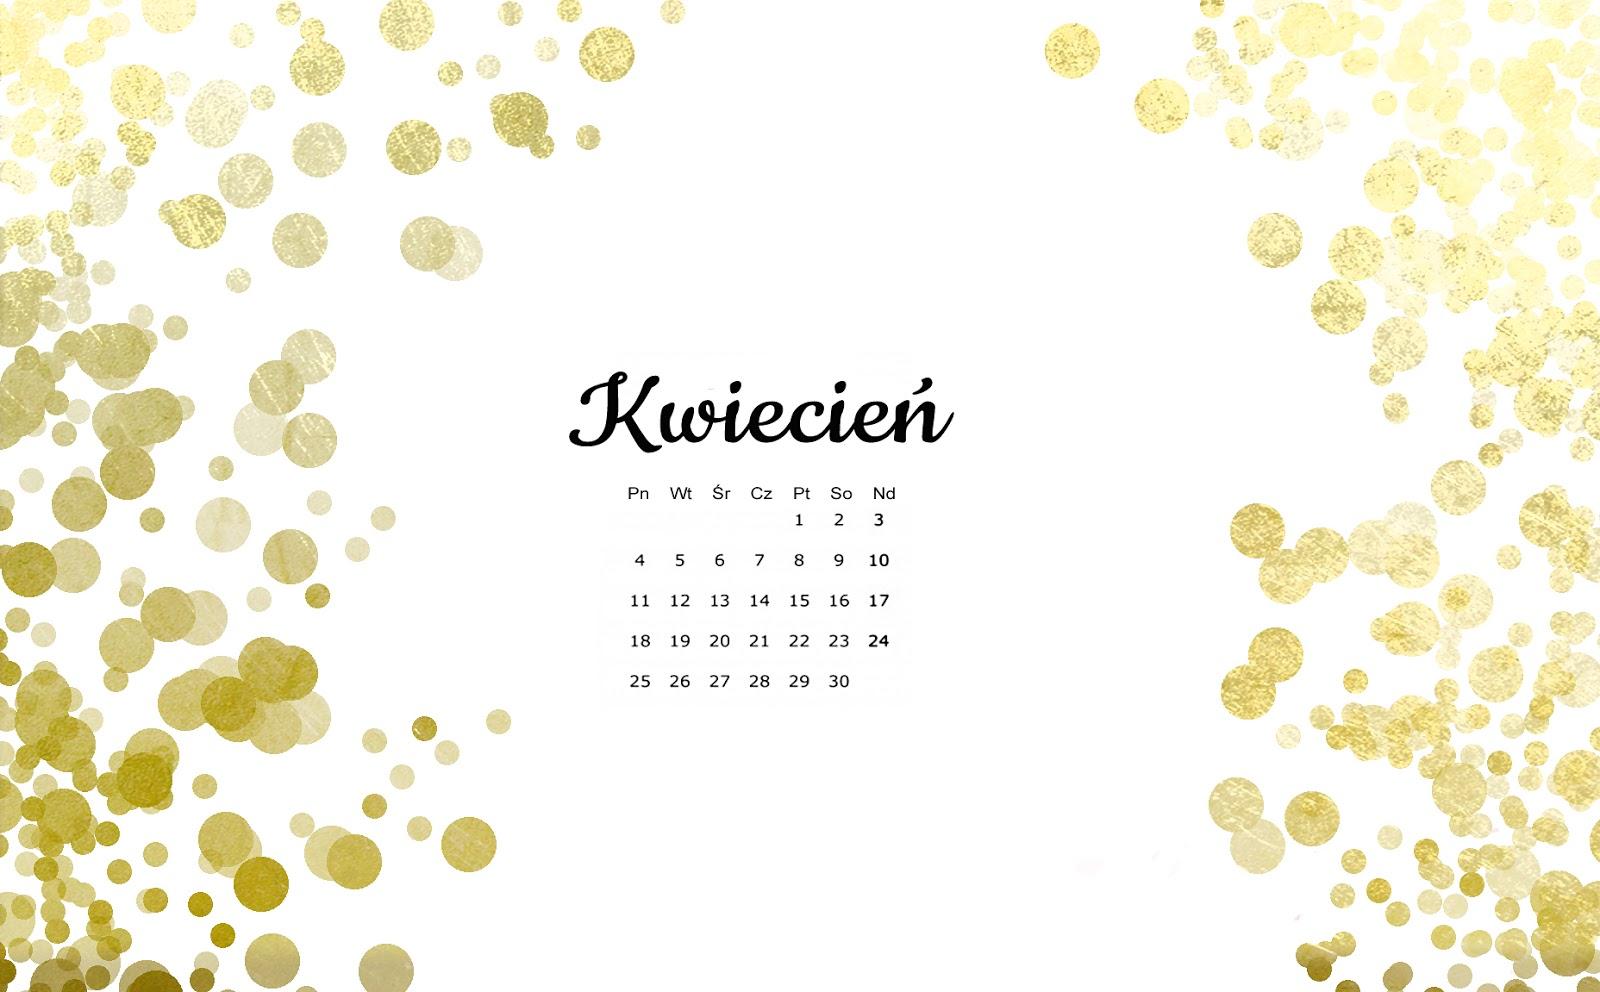 Black Gold Wallpaper Fresja Darmowe Tapety Na Kwiecień Z Kalendarzem